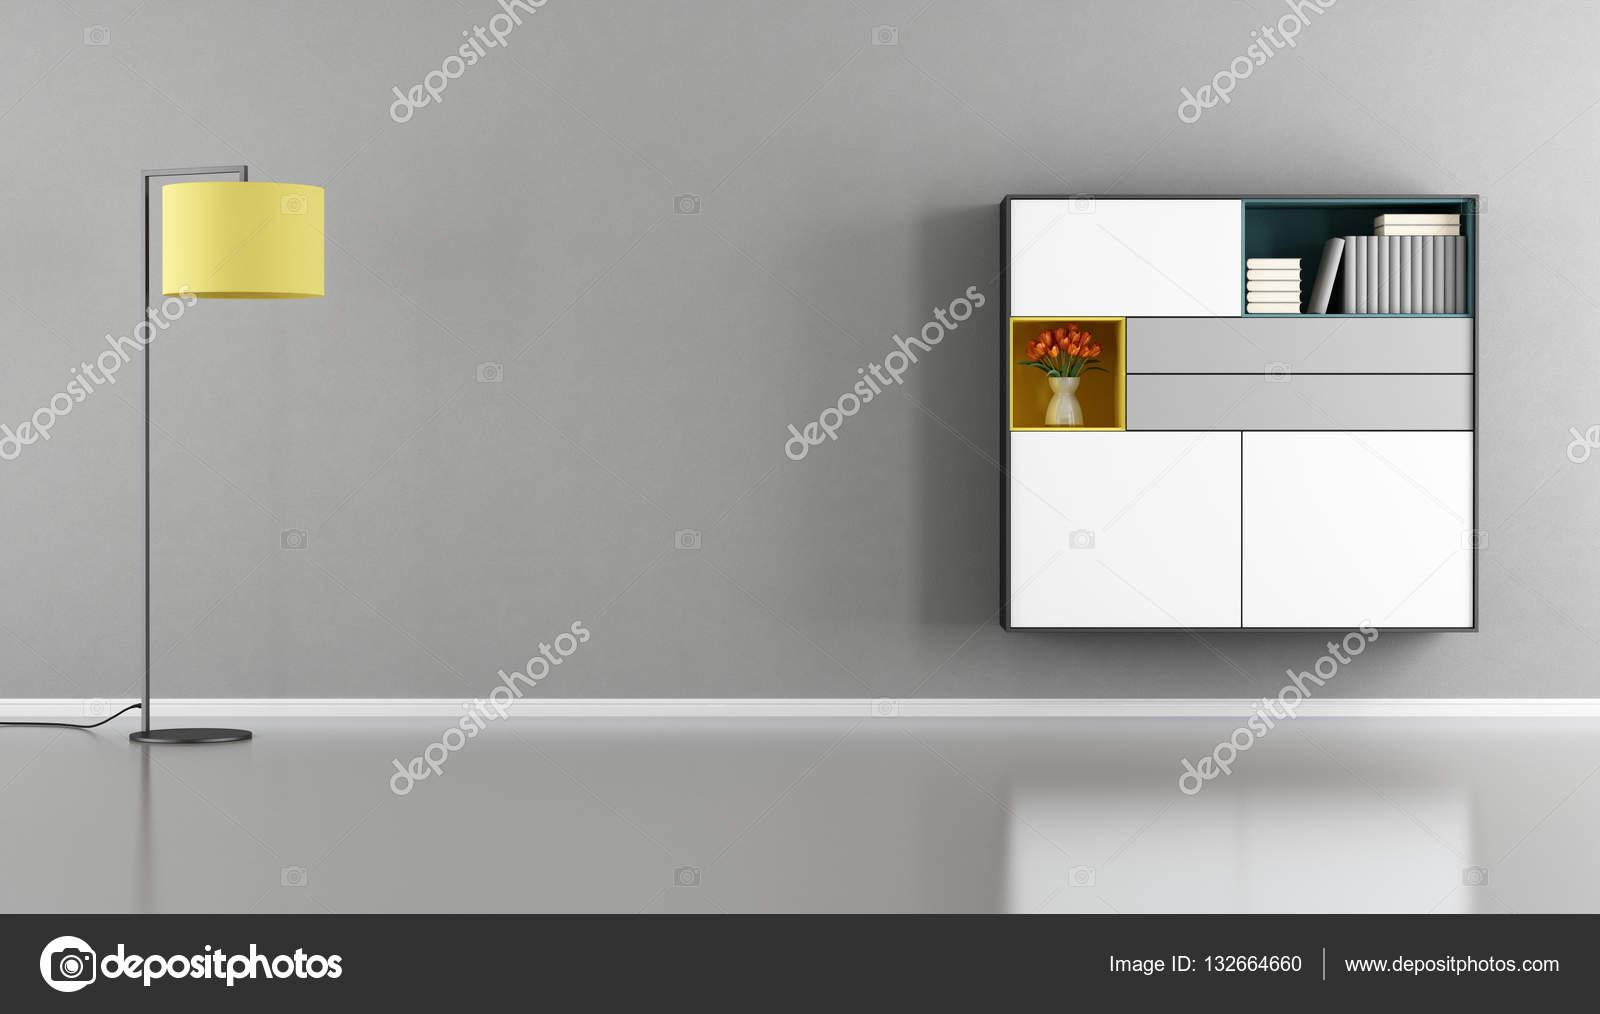 Credenza Moderna Gialla : Moderno soggiorno con madia sulla parete u2014 foto stock